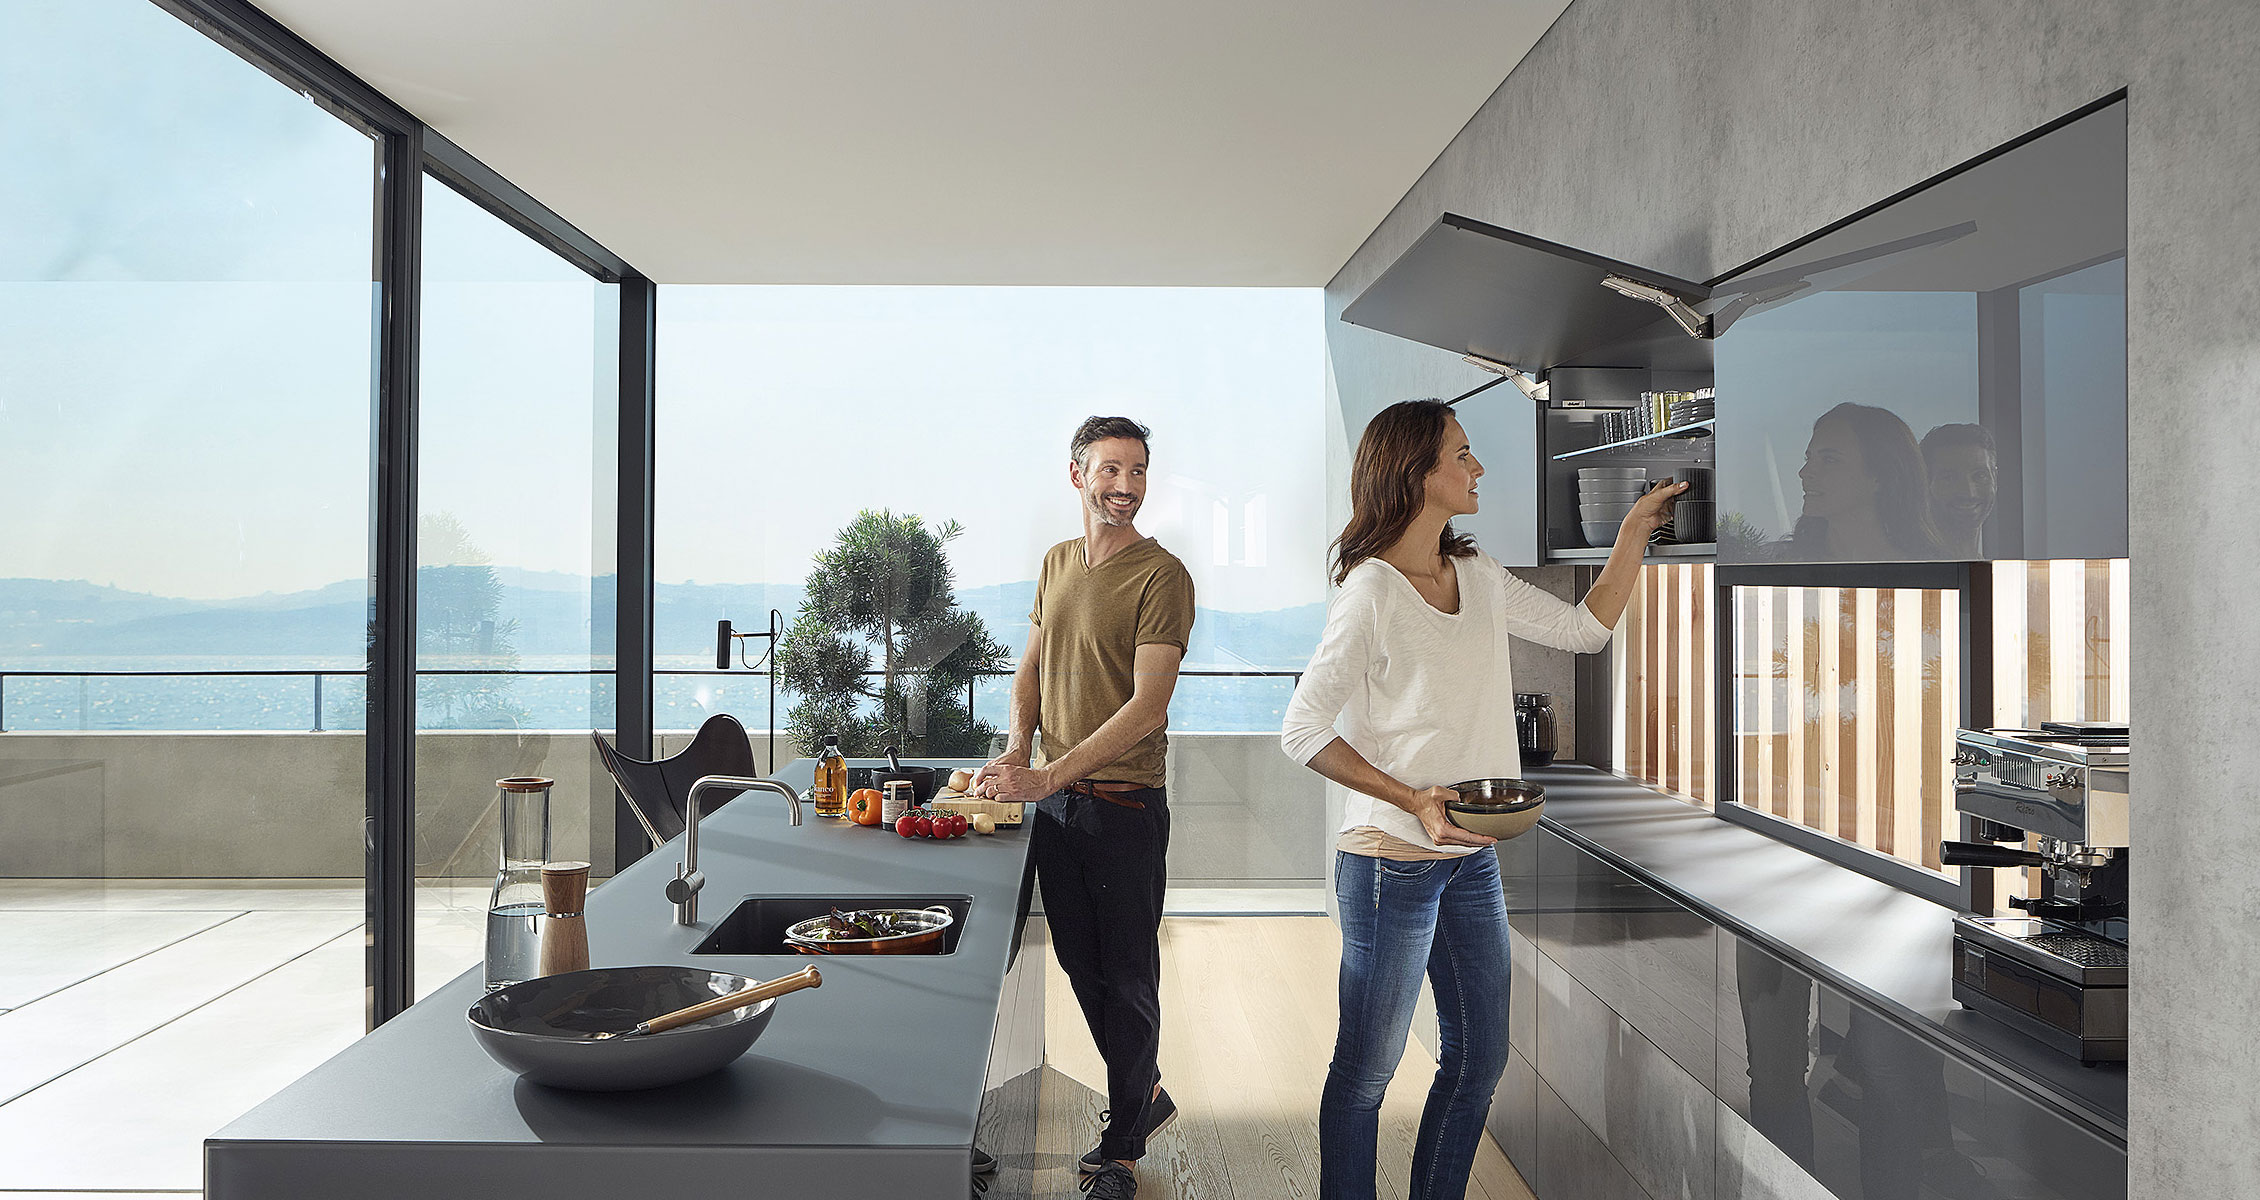 Дизайн-ідеї та практичні поради для нової кухні з фурнітурою Блюм